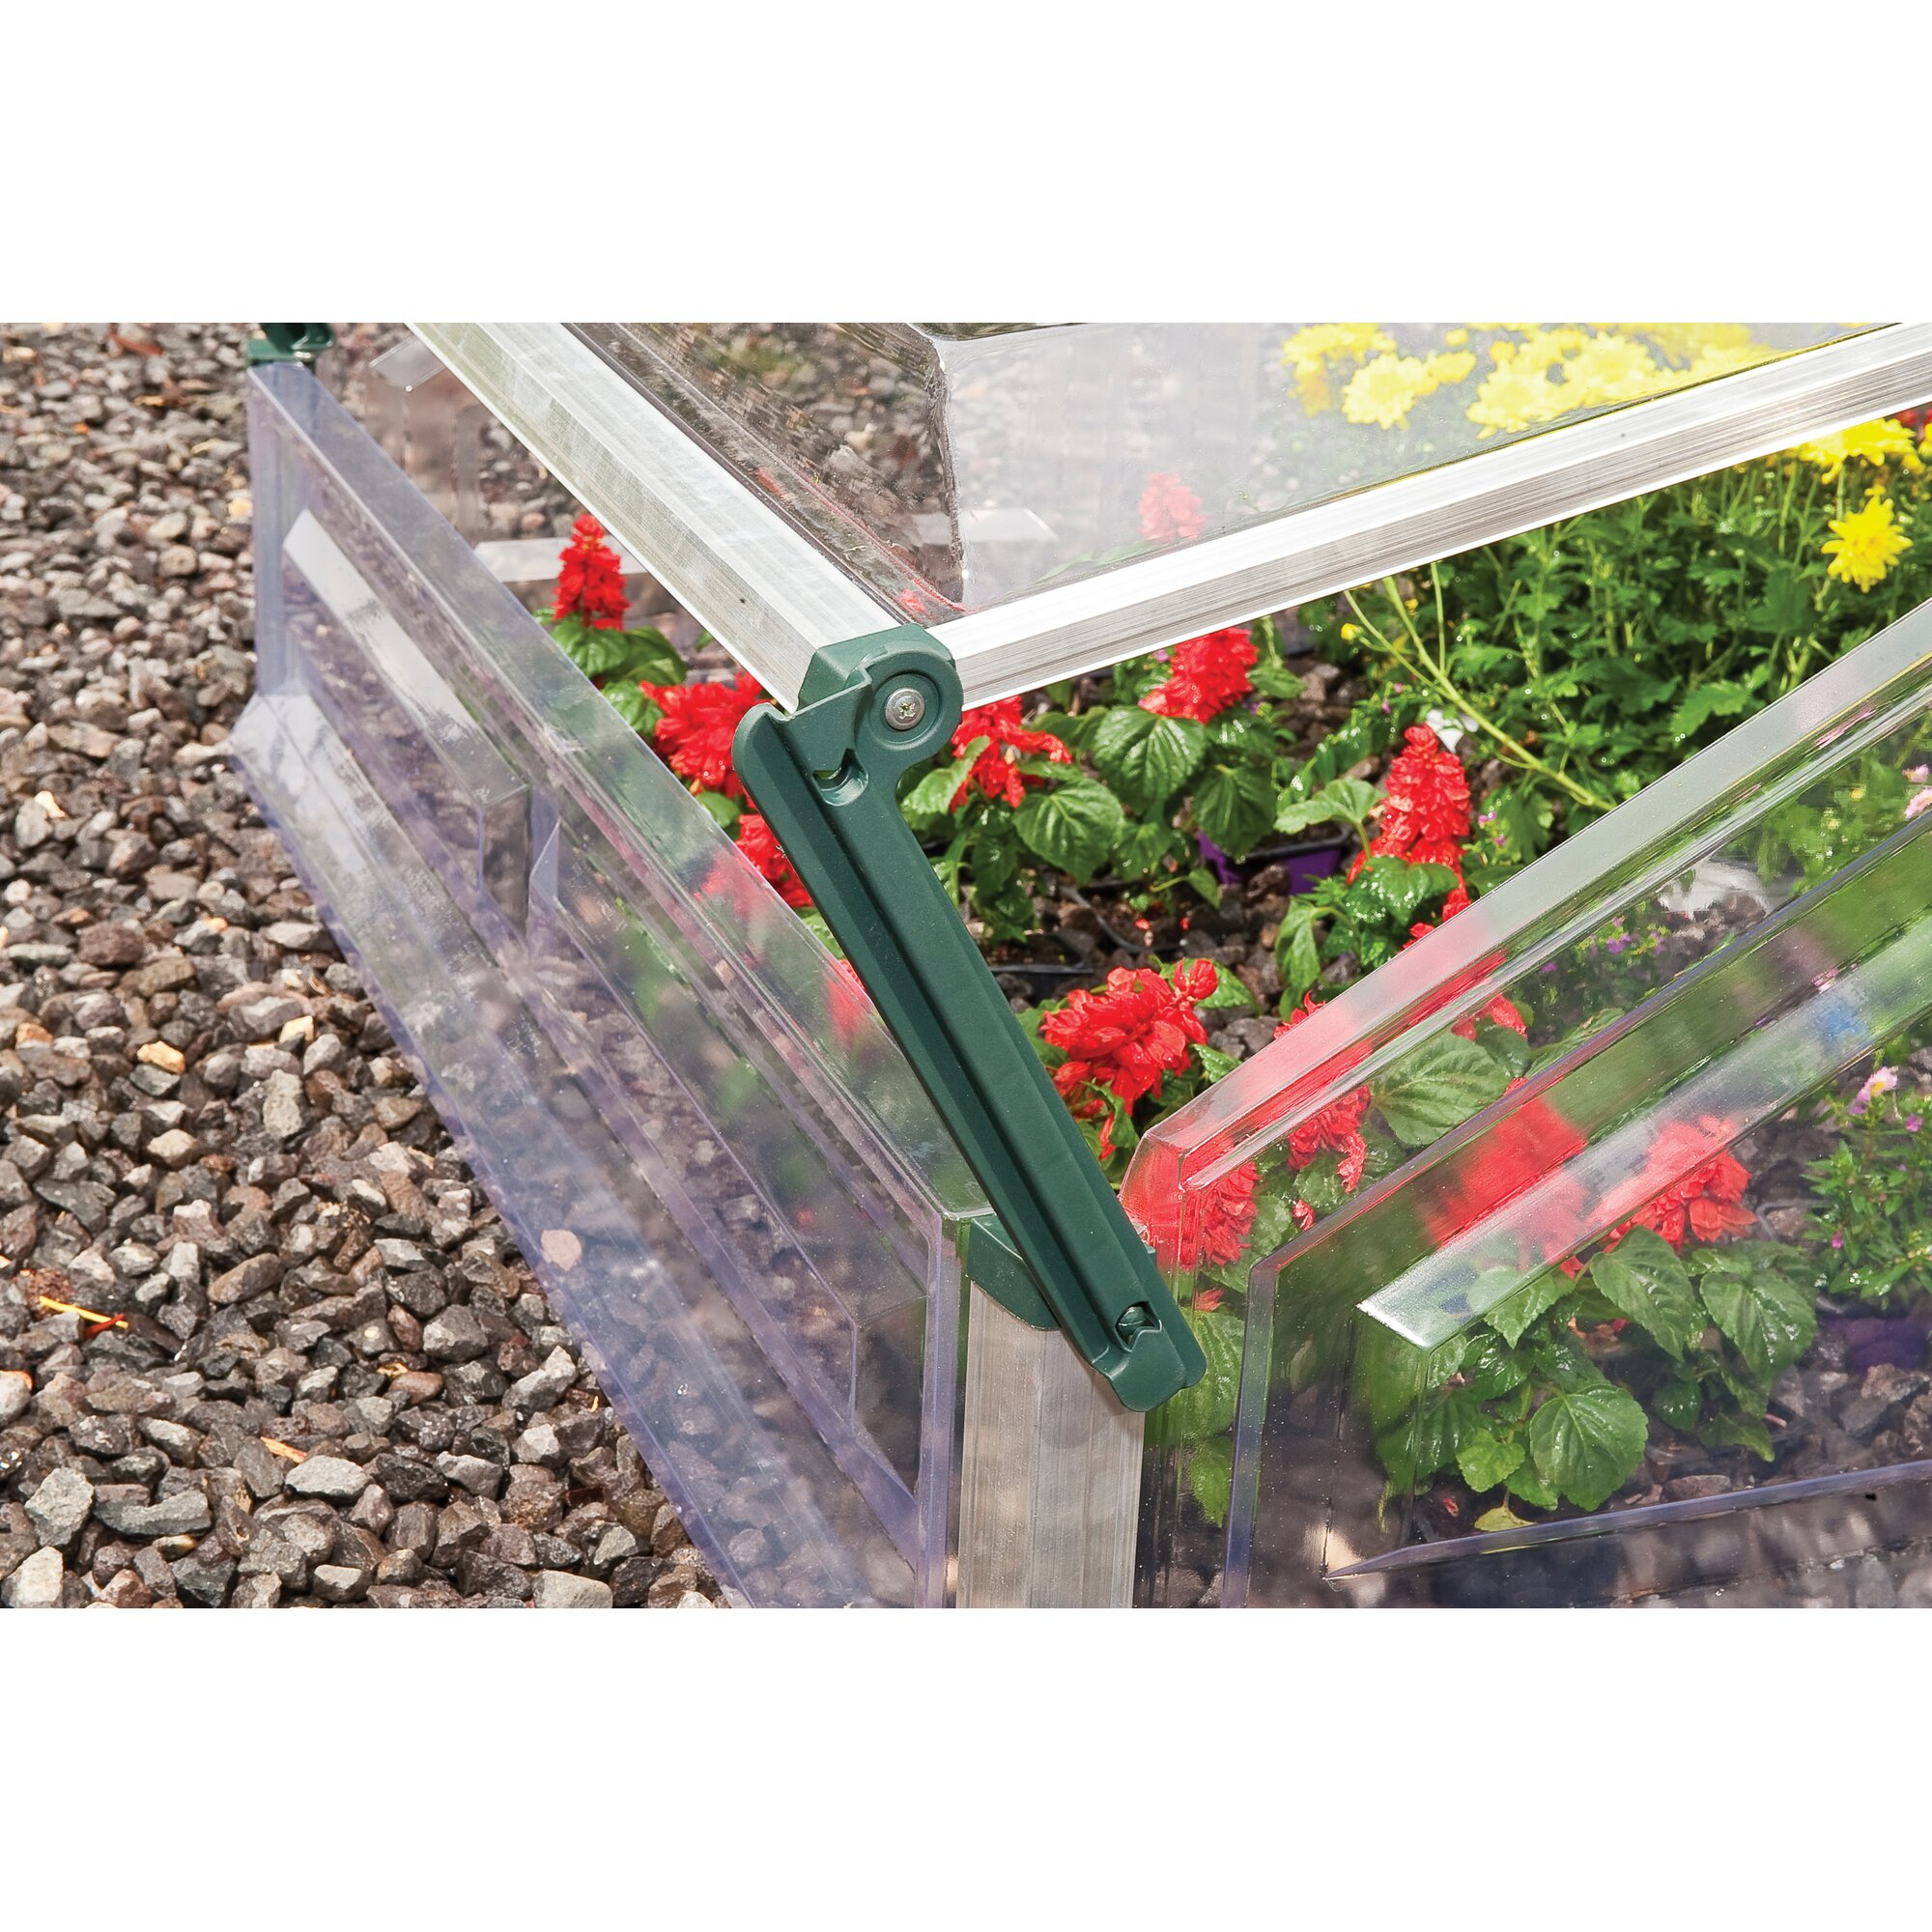 palram 3 5 ft w x 3 5 ft d cold frame greenhouse. Black Bedroom Furniture Sets. Home Design Ideas